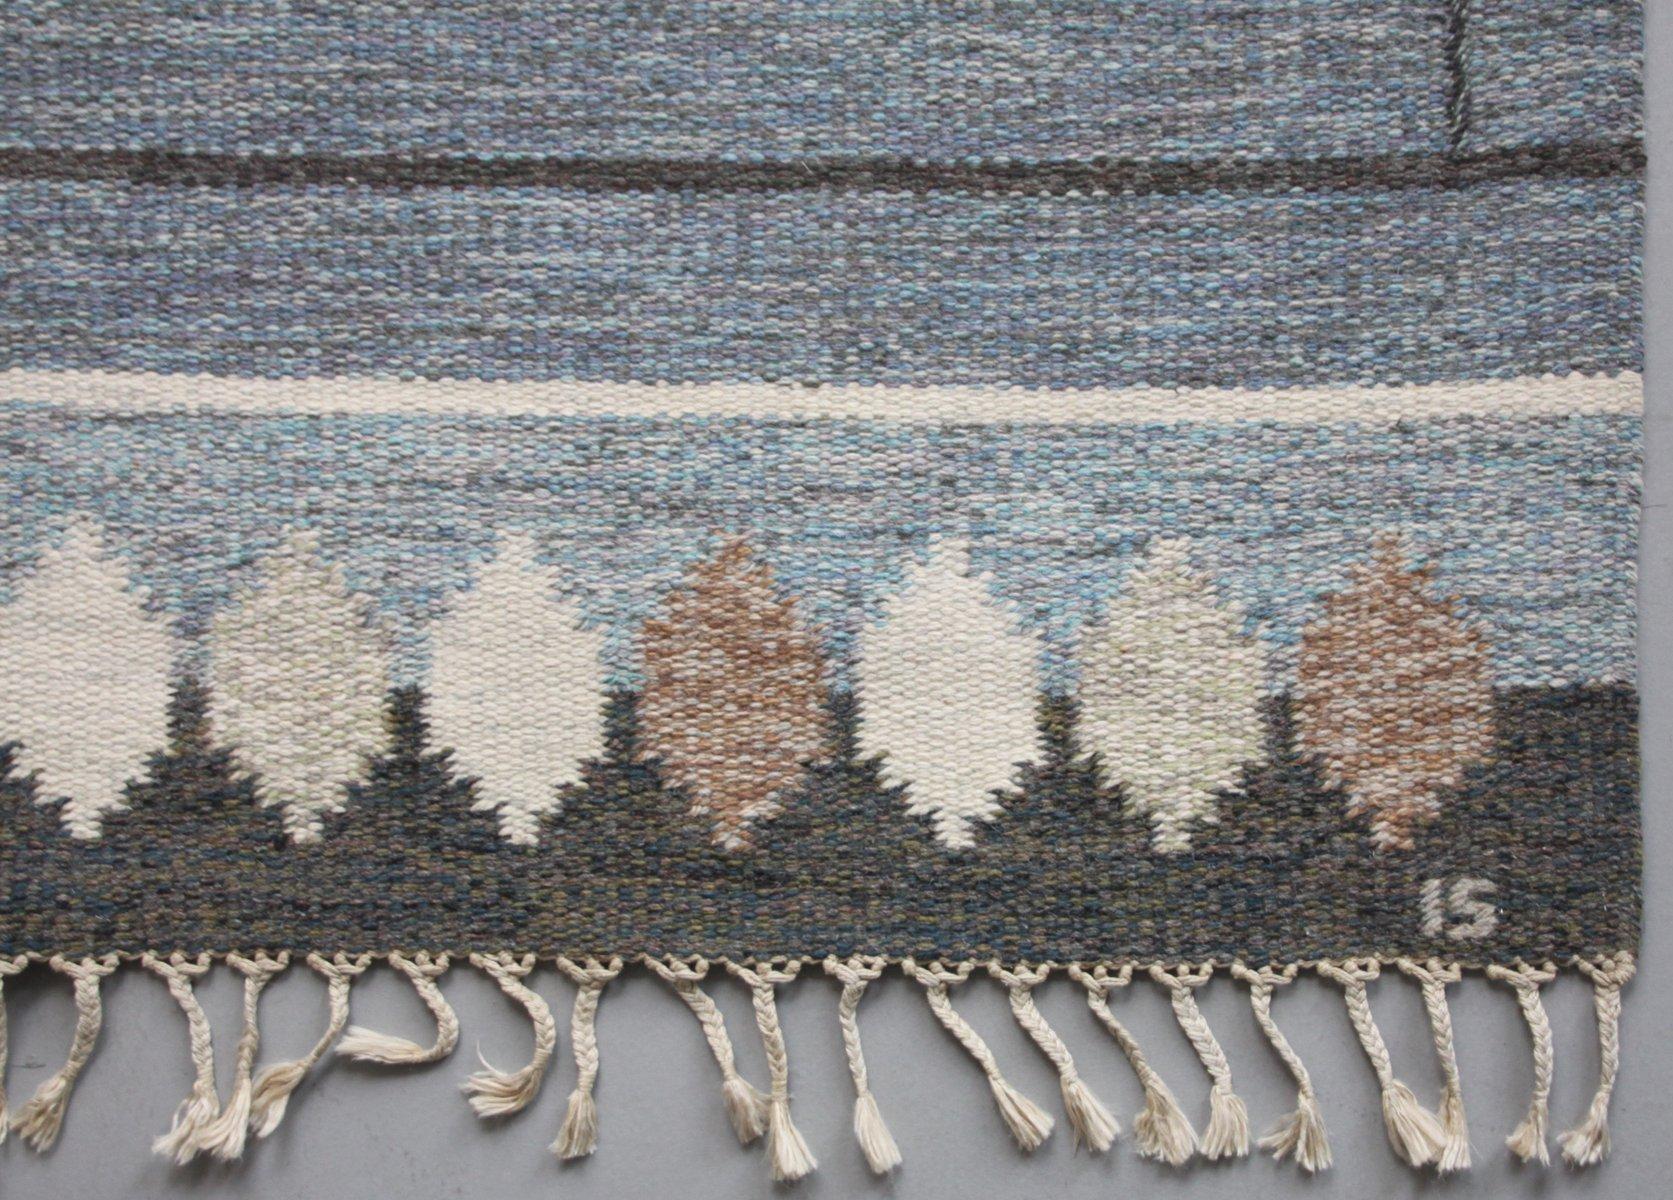 schwedischer grauer r lakan flachgewebe teppich von ingegerd silow bei pamono kaufen. Black Bedroom Furniture Sets. Home Design Ideas